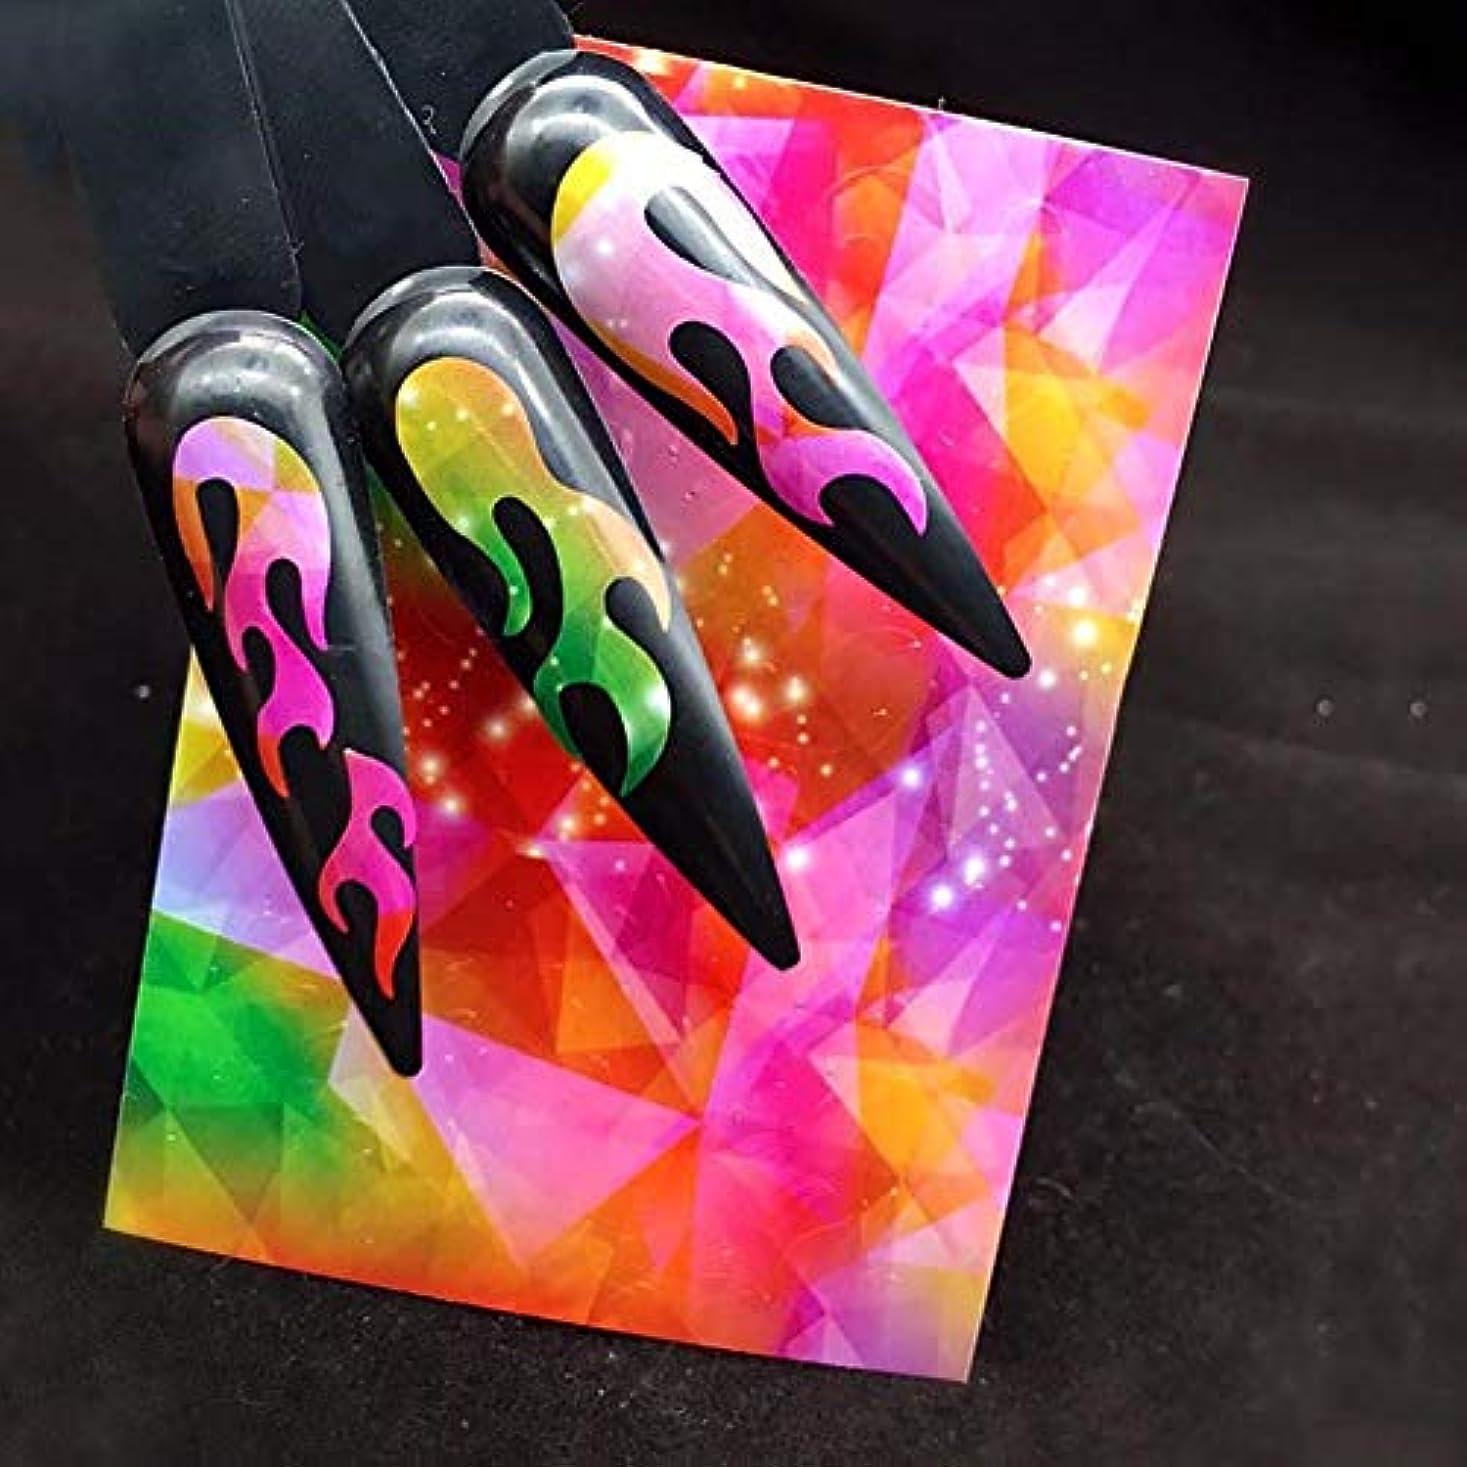 ポルトガル語沼地オーブンMurakush ネイルステッカー レーザー接着 ステッカー 炎パターン オーロラ マニキュア装飾 ネイルアート デカールツール 5#